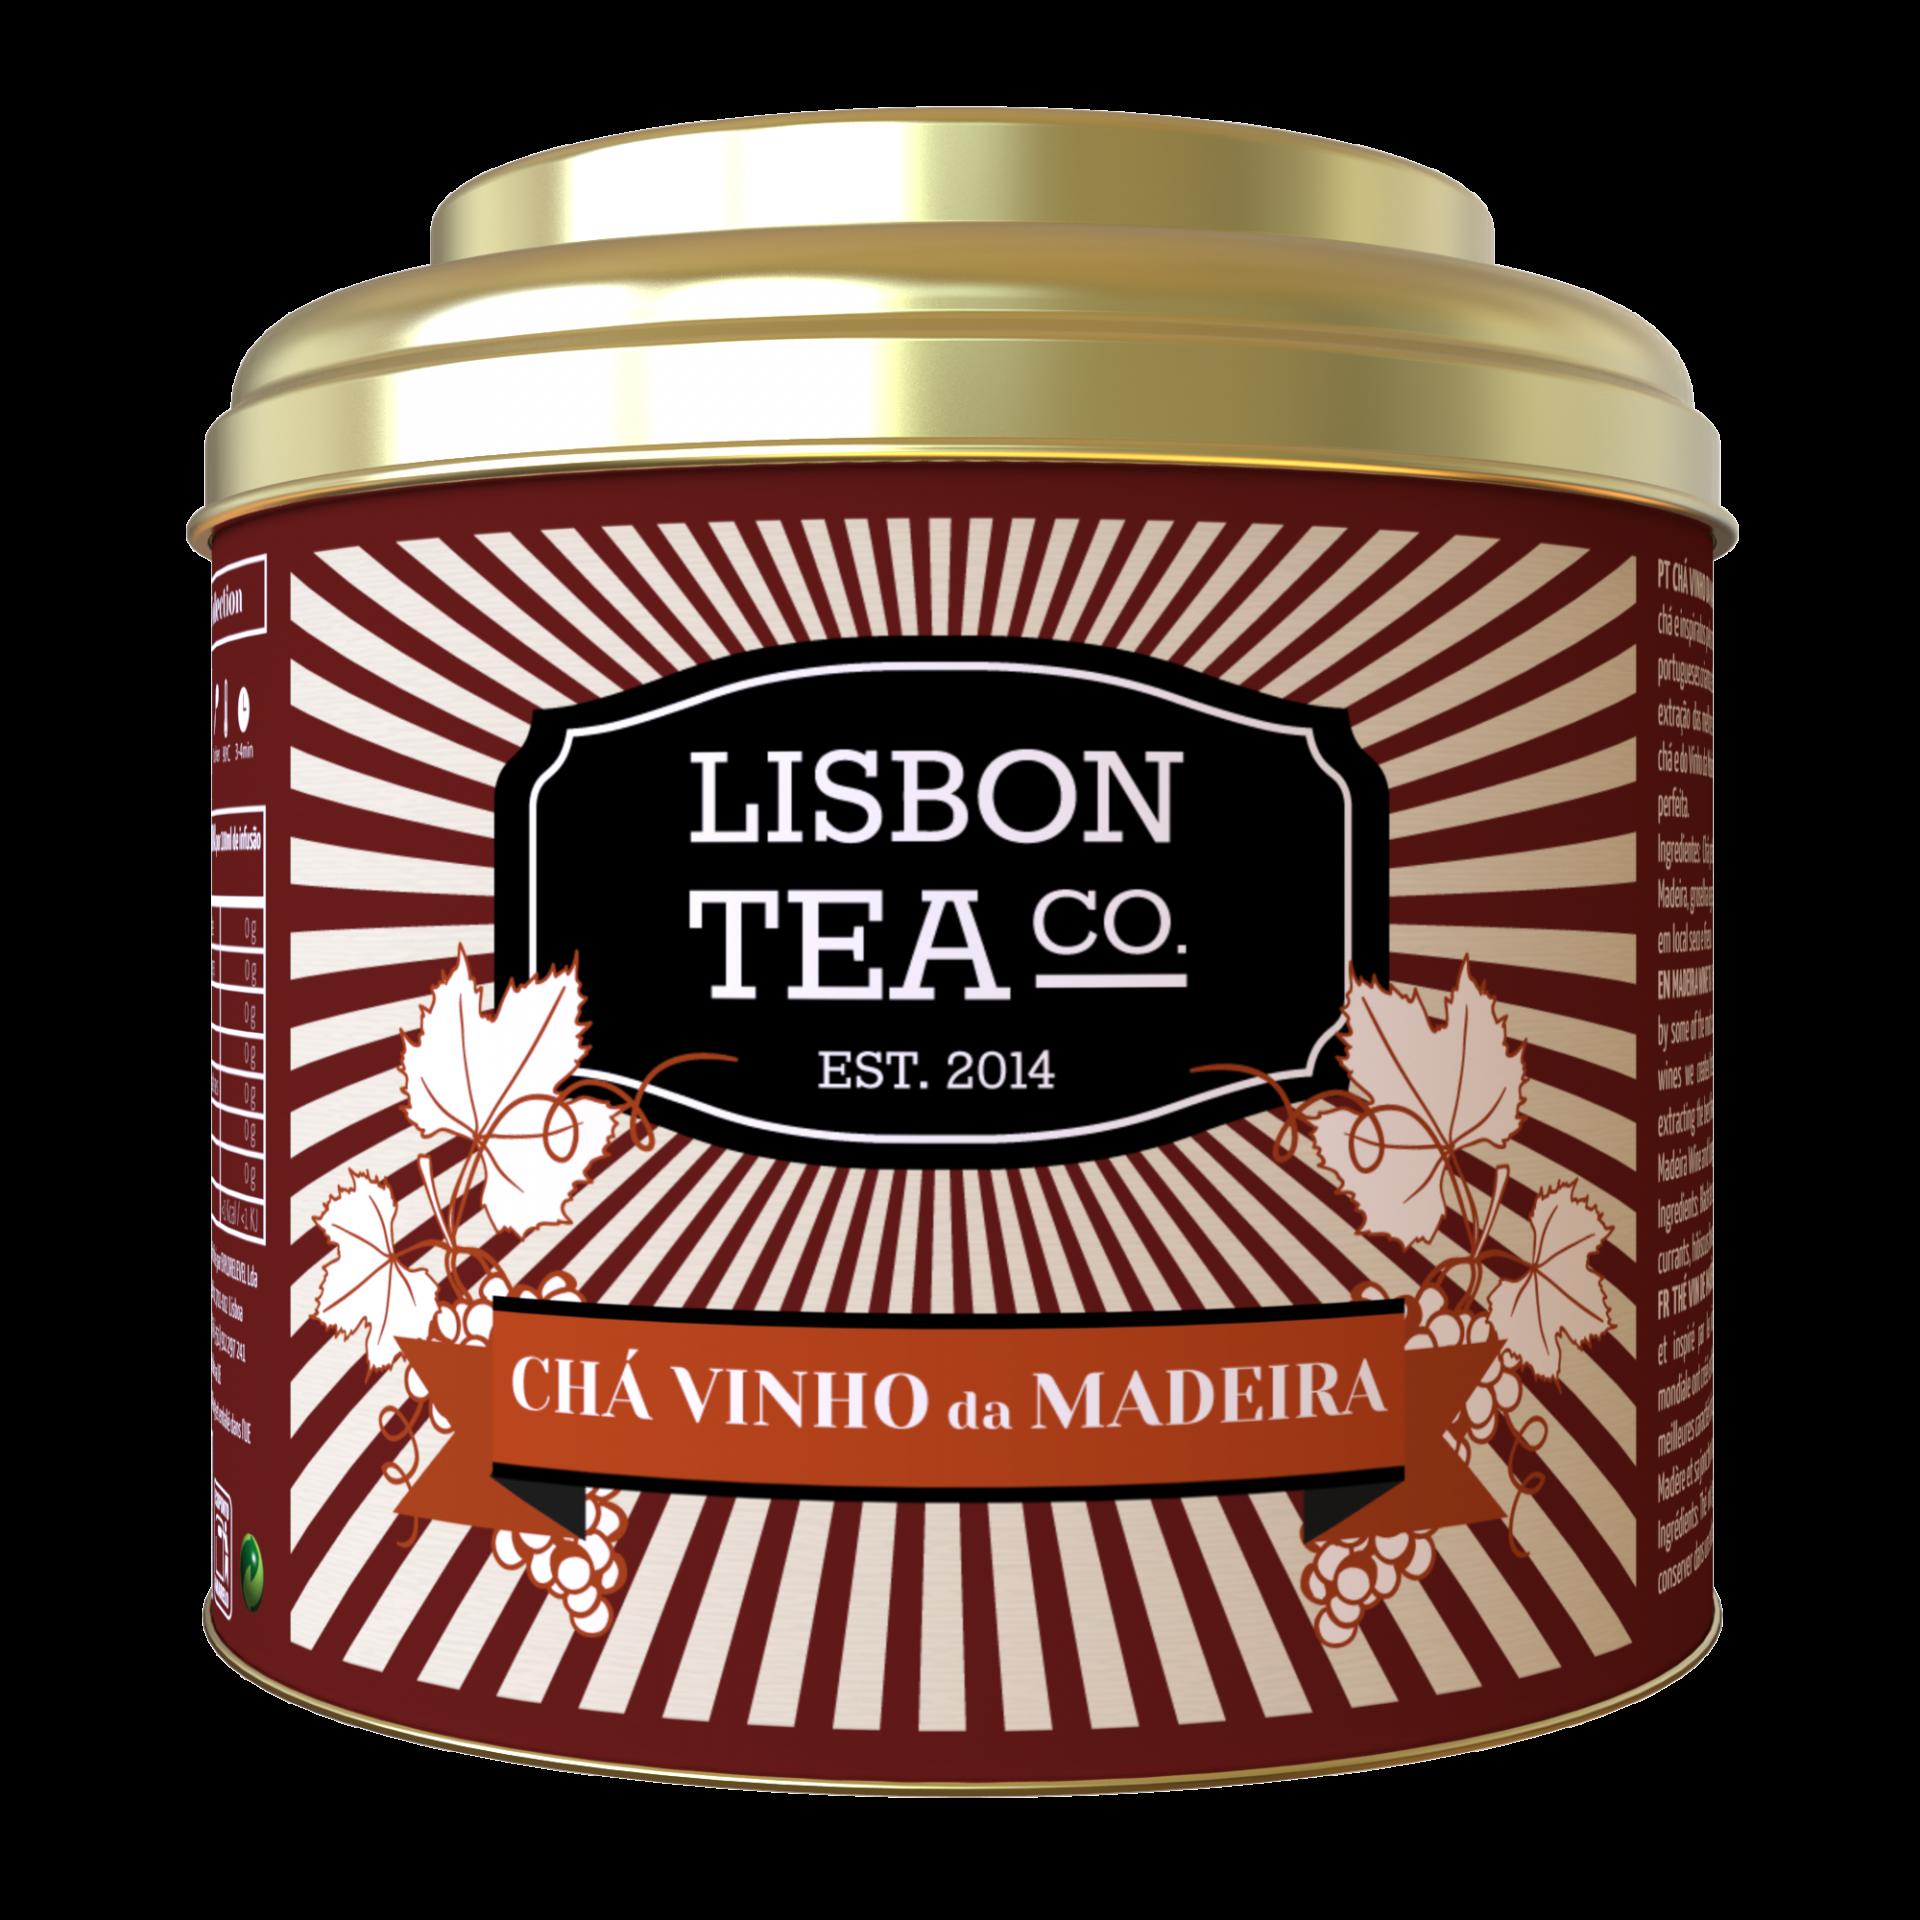 Lisbon Tea Vinho da Madeira Chá